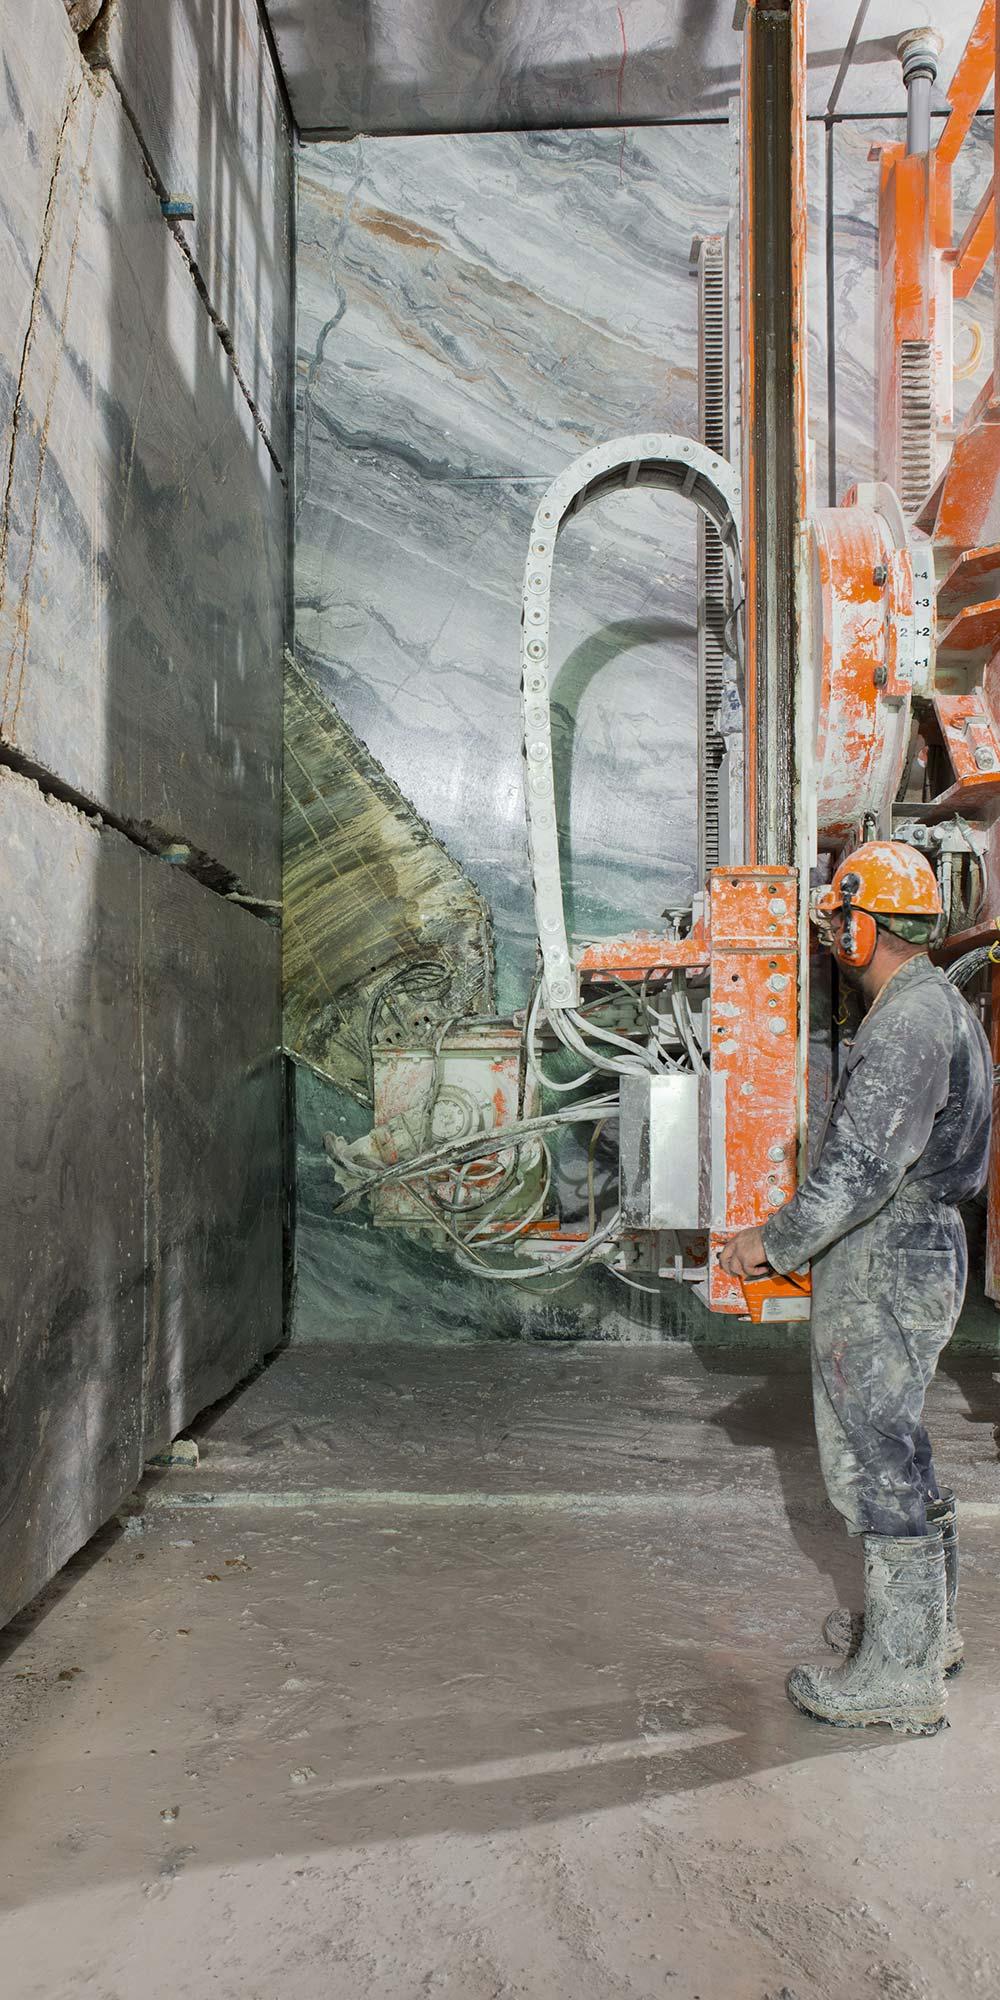 EURO MAS SRL - Cava di marmo italiano arabescato orobico, estrazione in tunnel